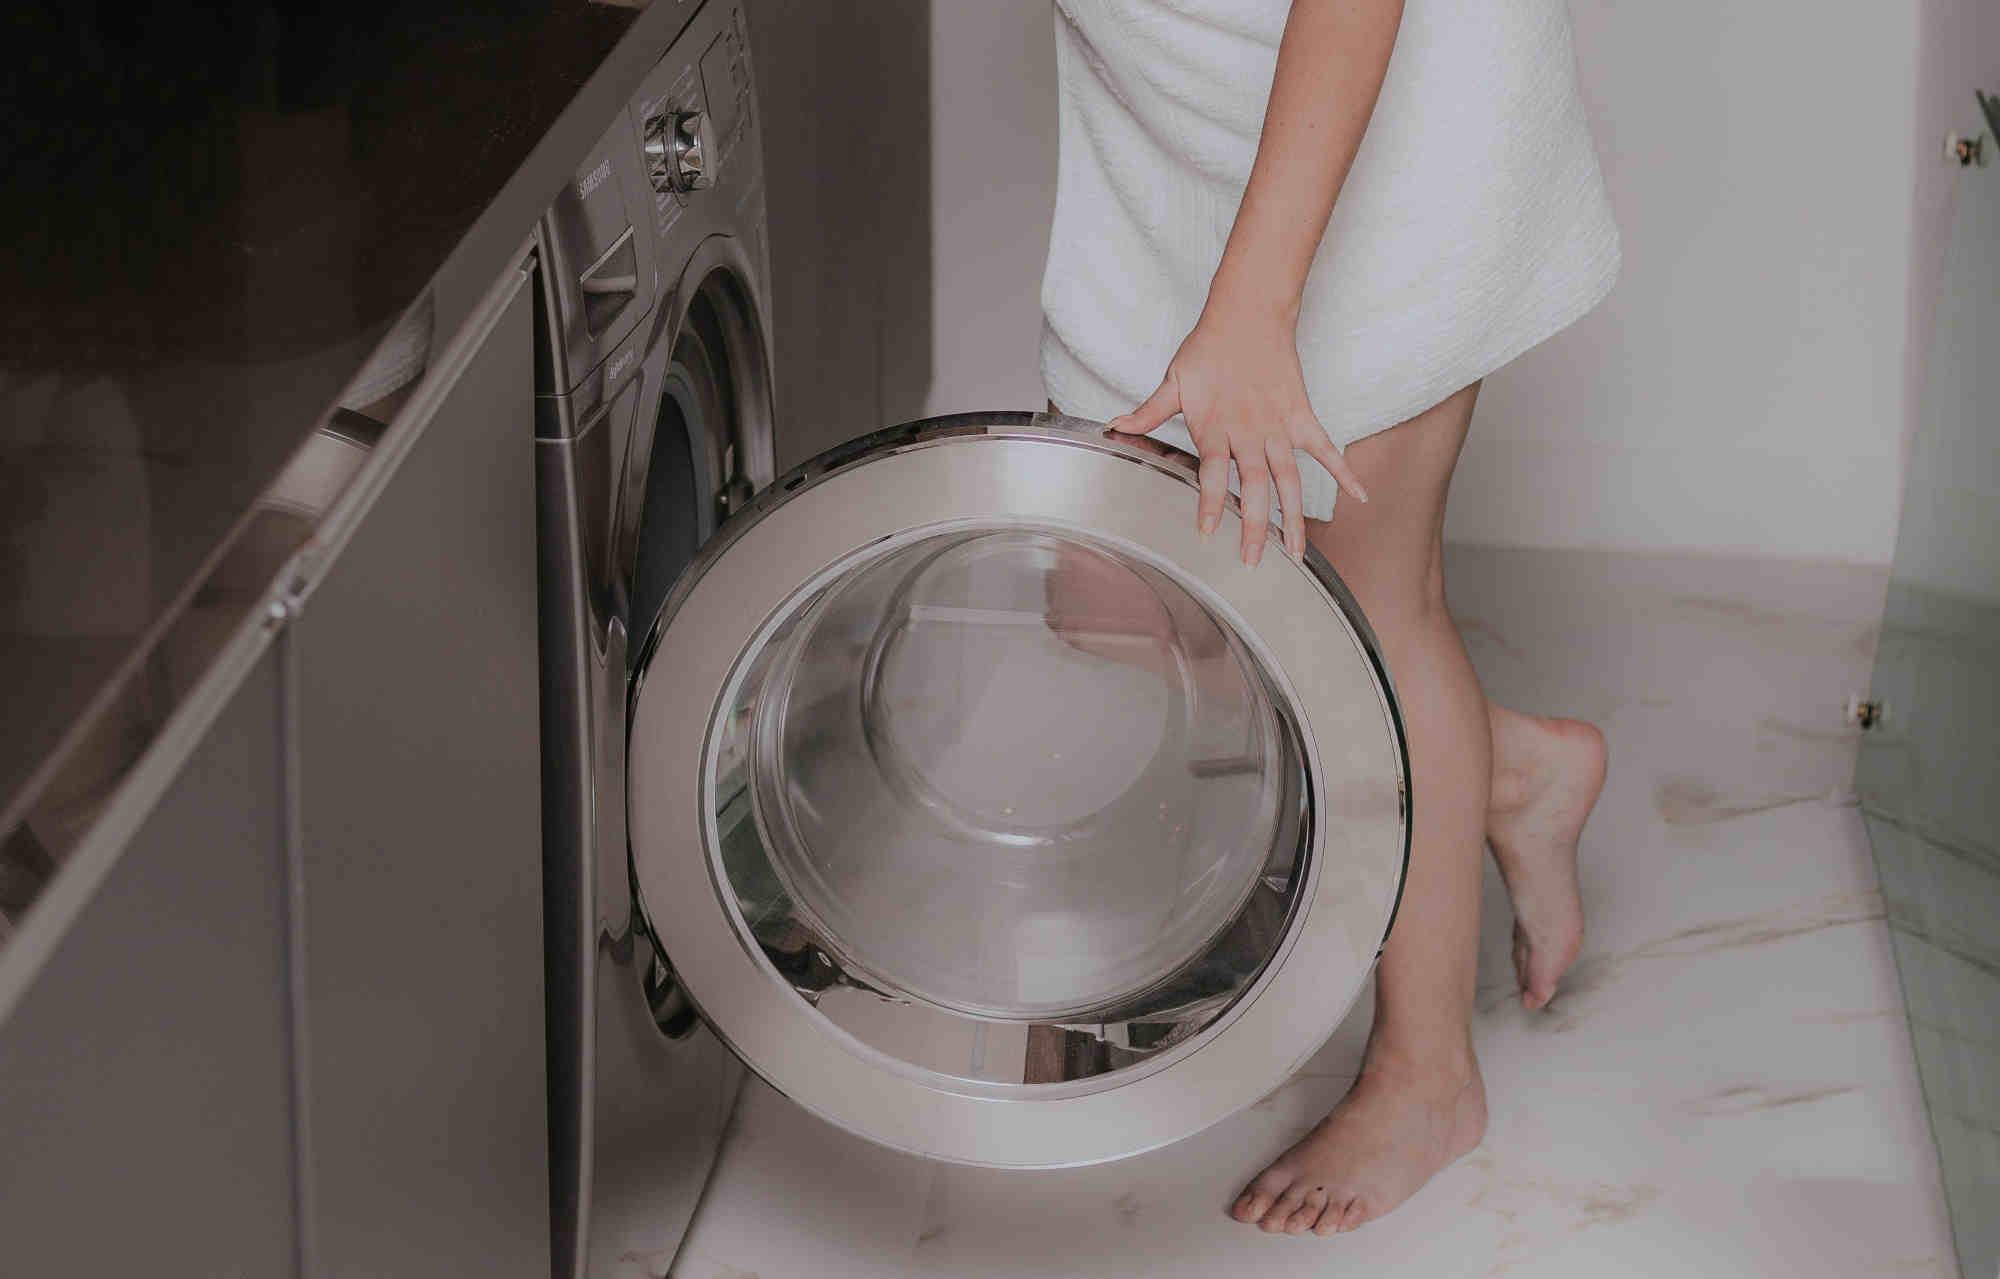 Les hygiénistes conseillent de garder votre machine à laver propre